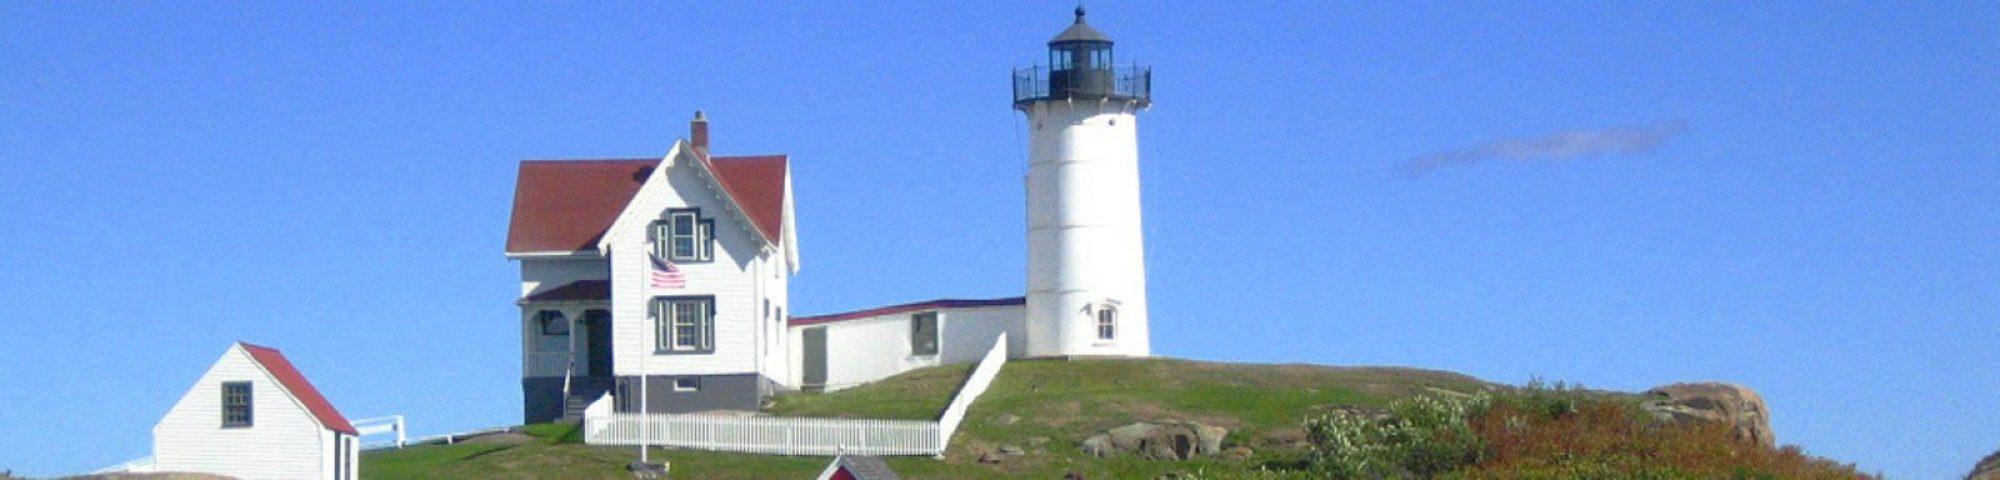 Nubble Lighthouse-2000X480